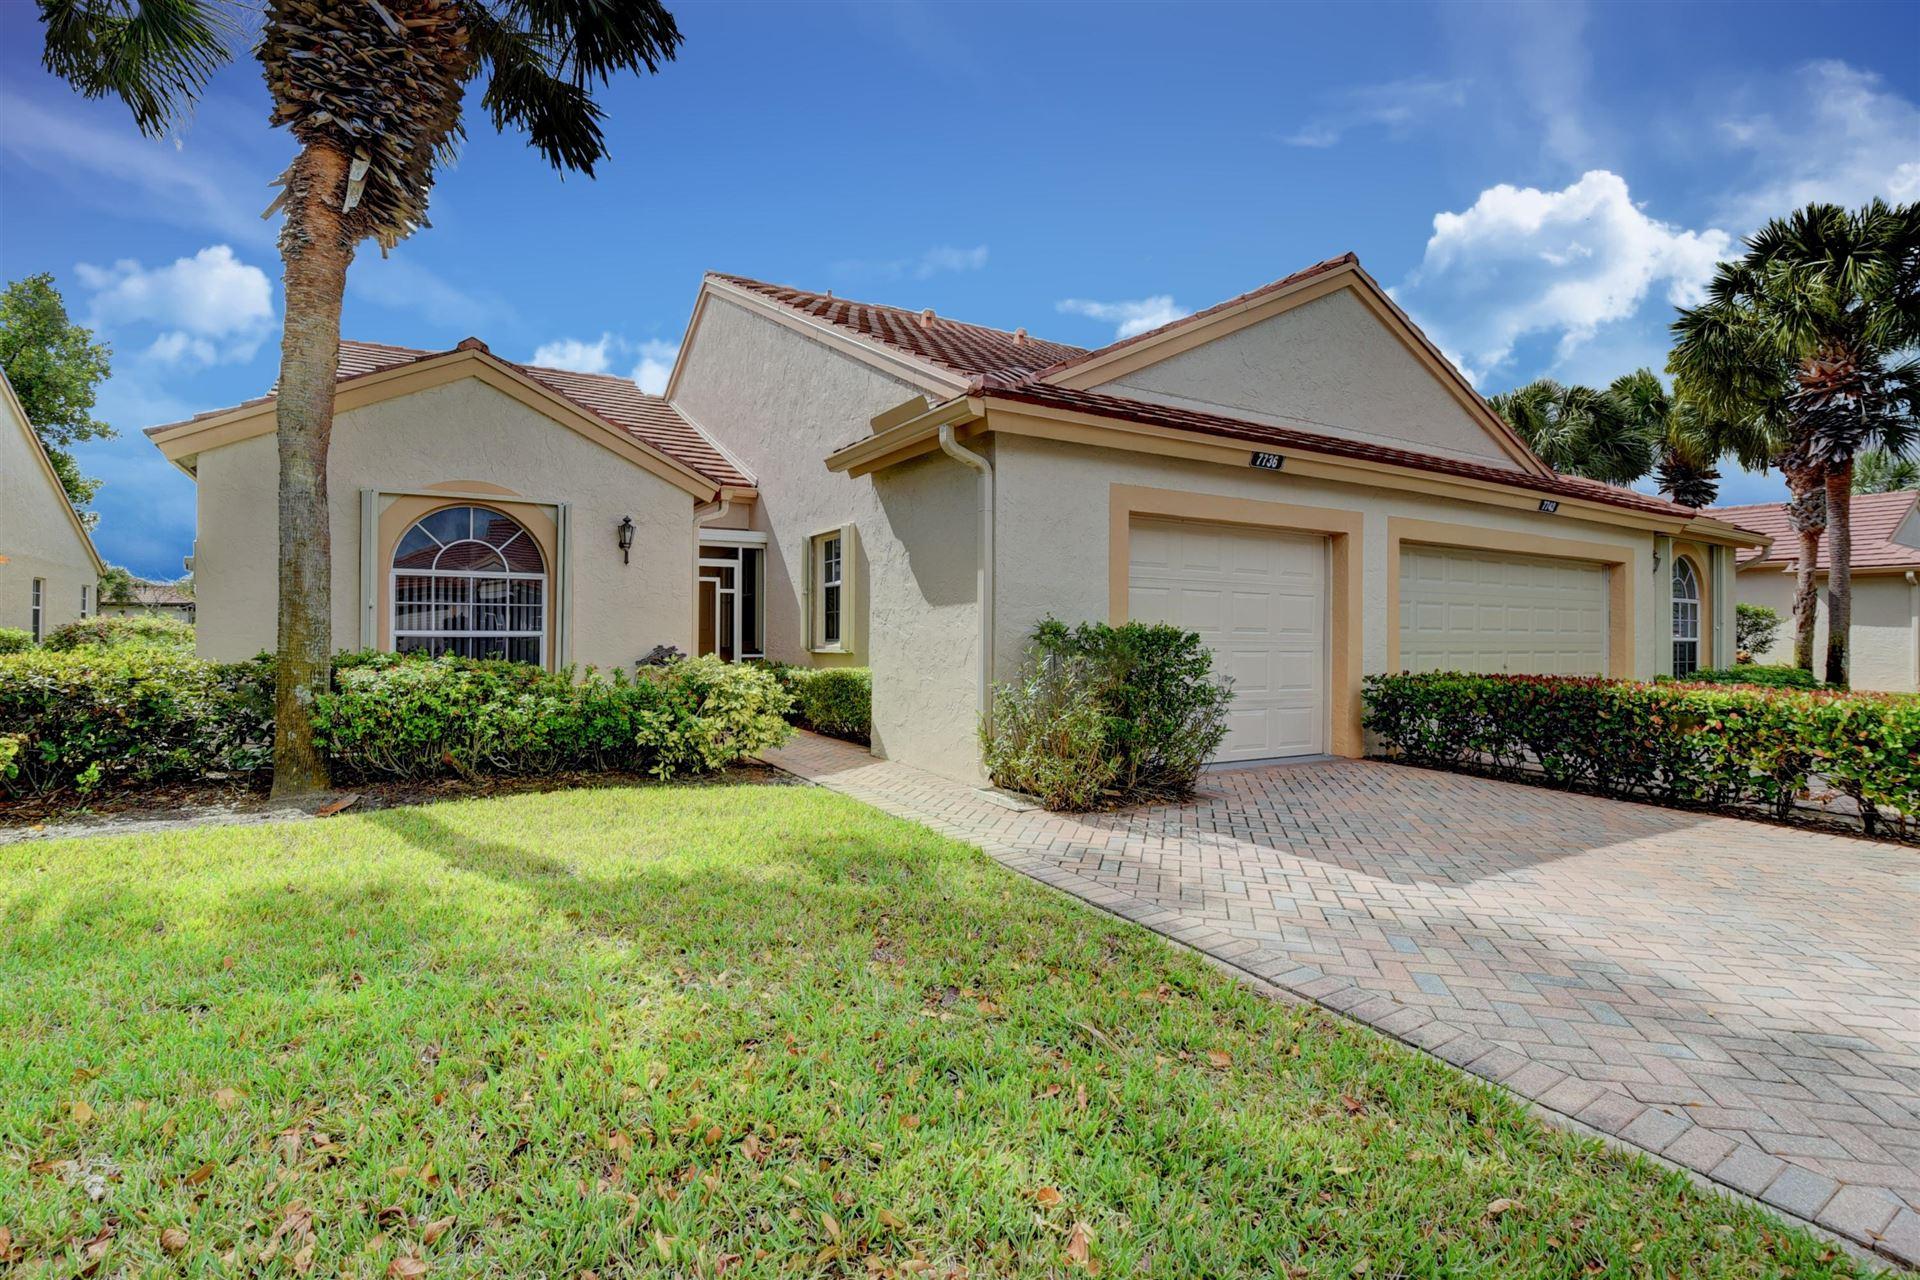 7736 Coral  Lake Drive, Delray Beach, FL 33446 - #: RX-10600028